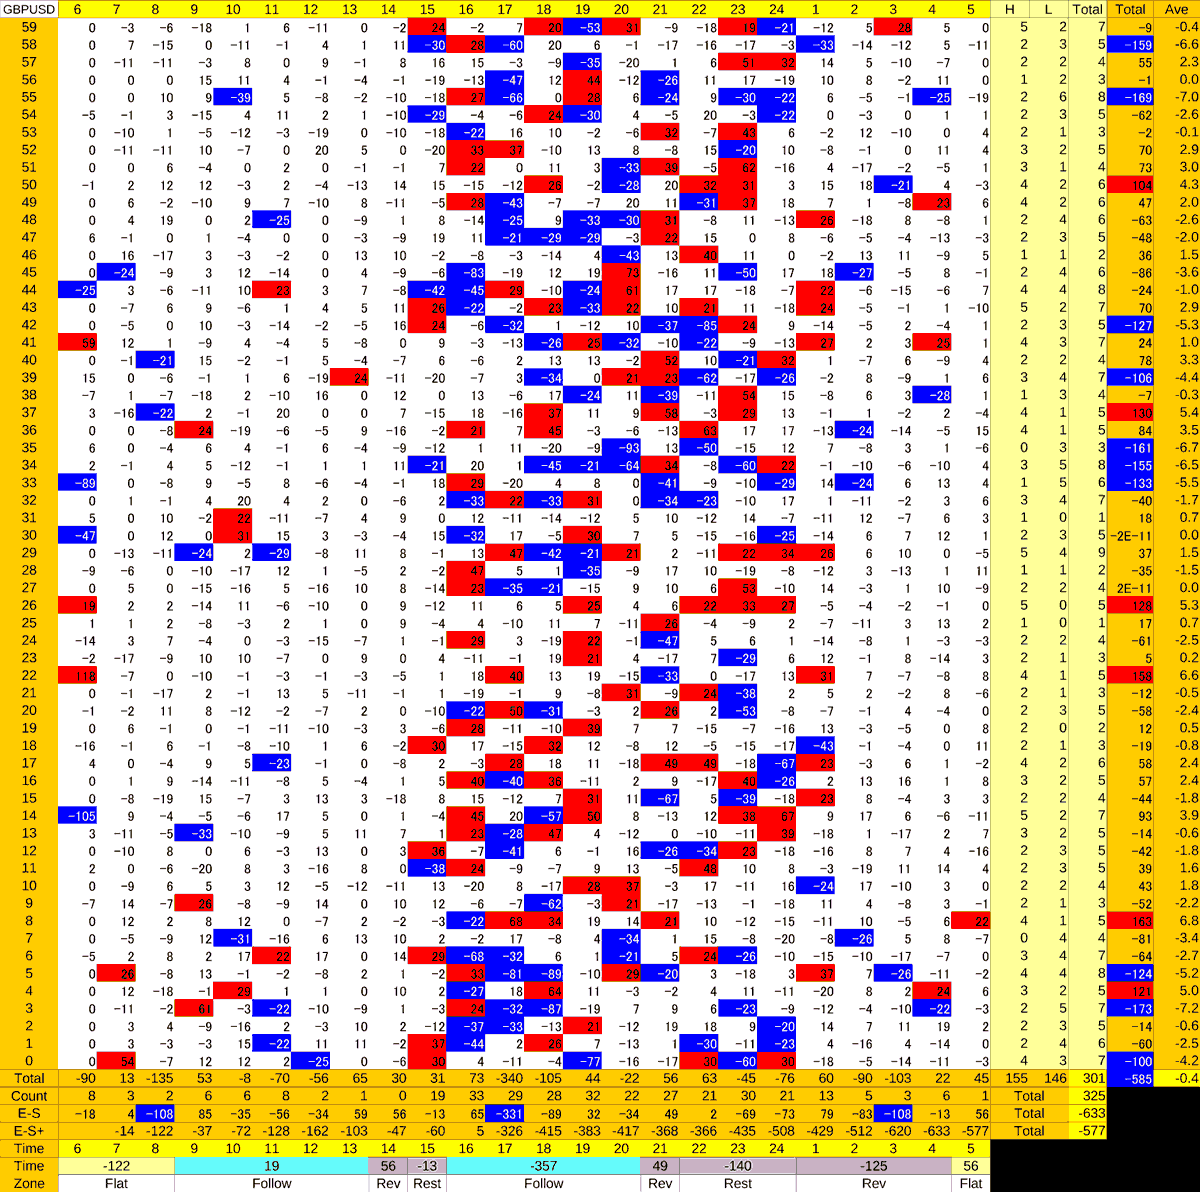 20201022_HS(2)GBPUSD